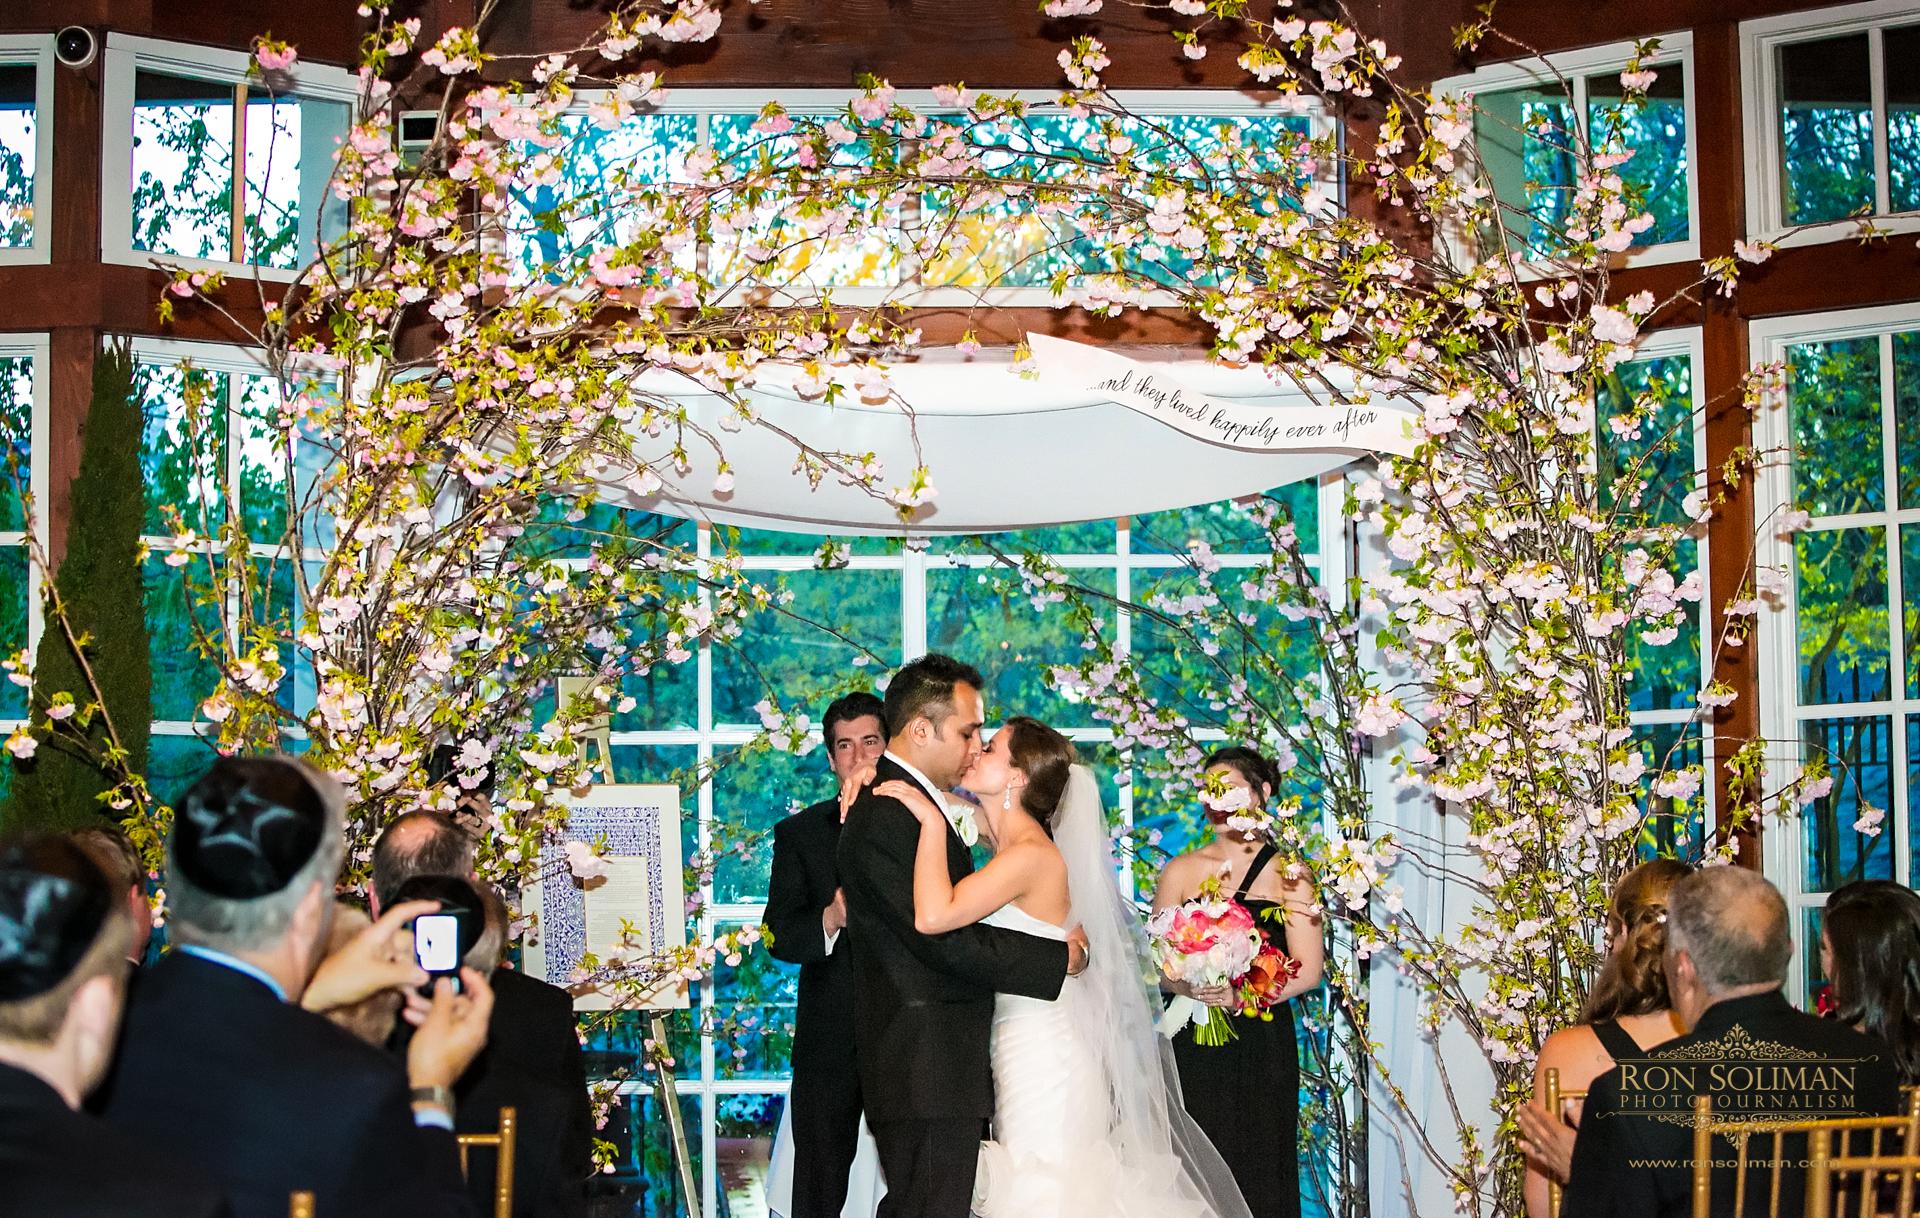 The Loeb Boathouse Wedding 18